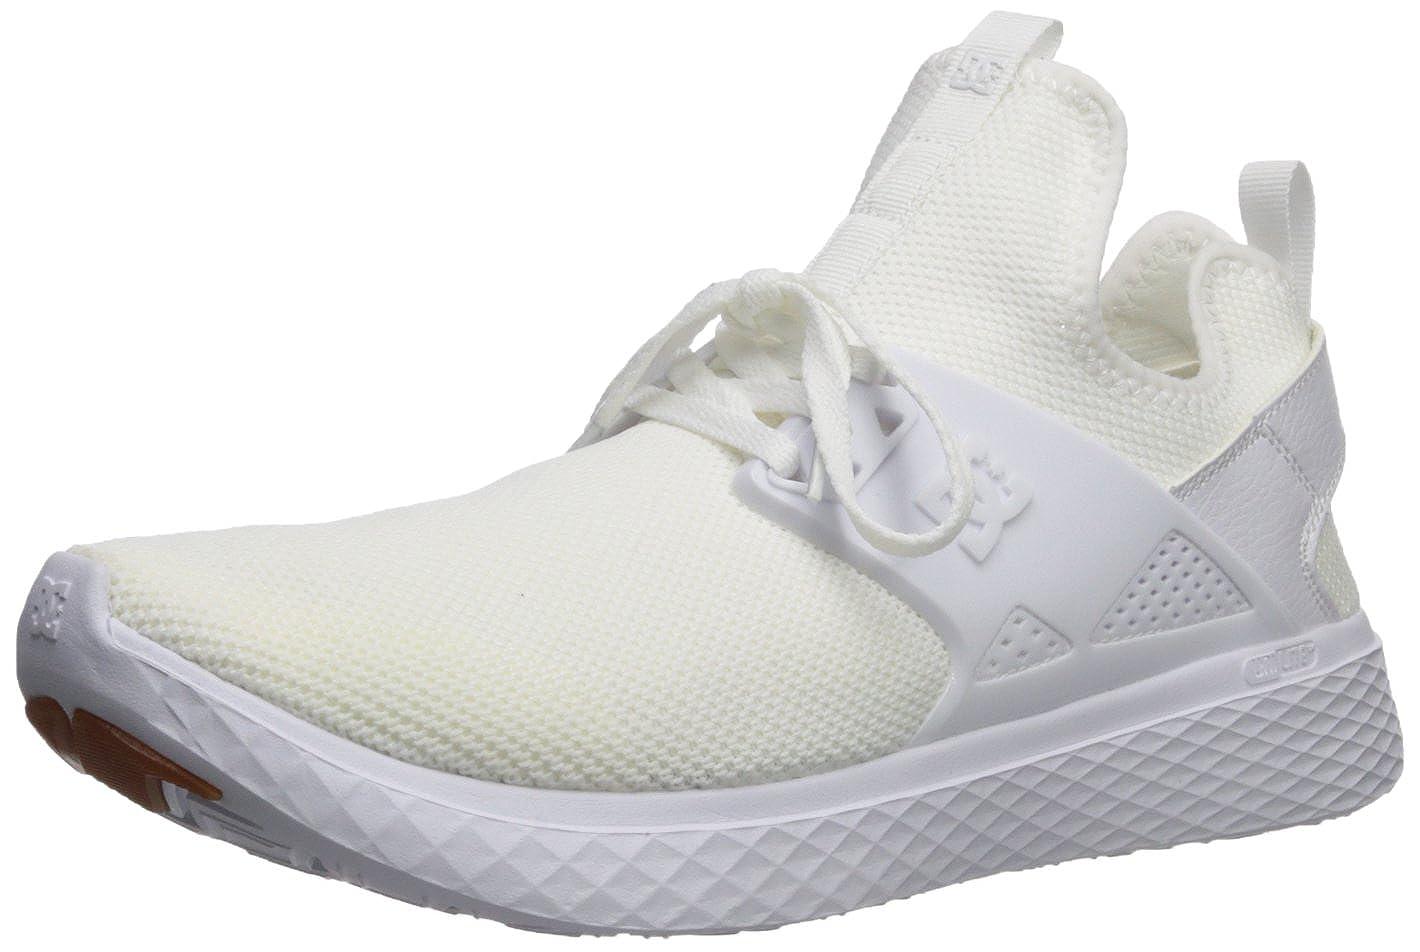 Blanc 45 EU DC - - Chaussures Basses Méridiennes pour Homme